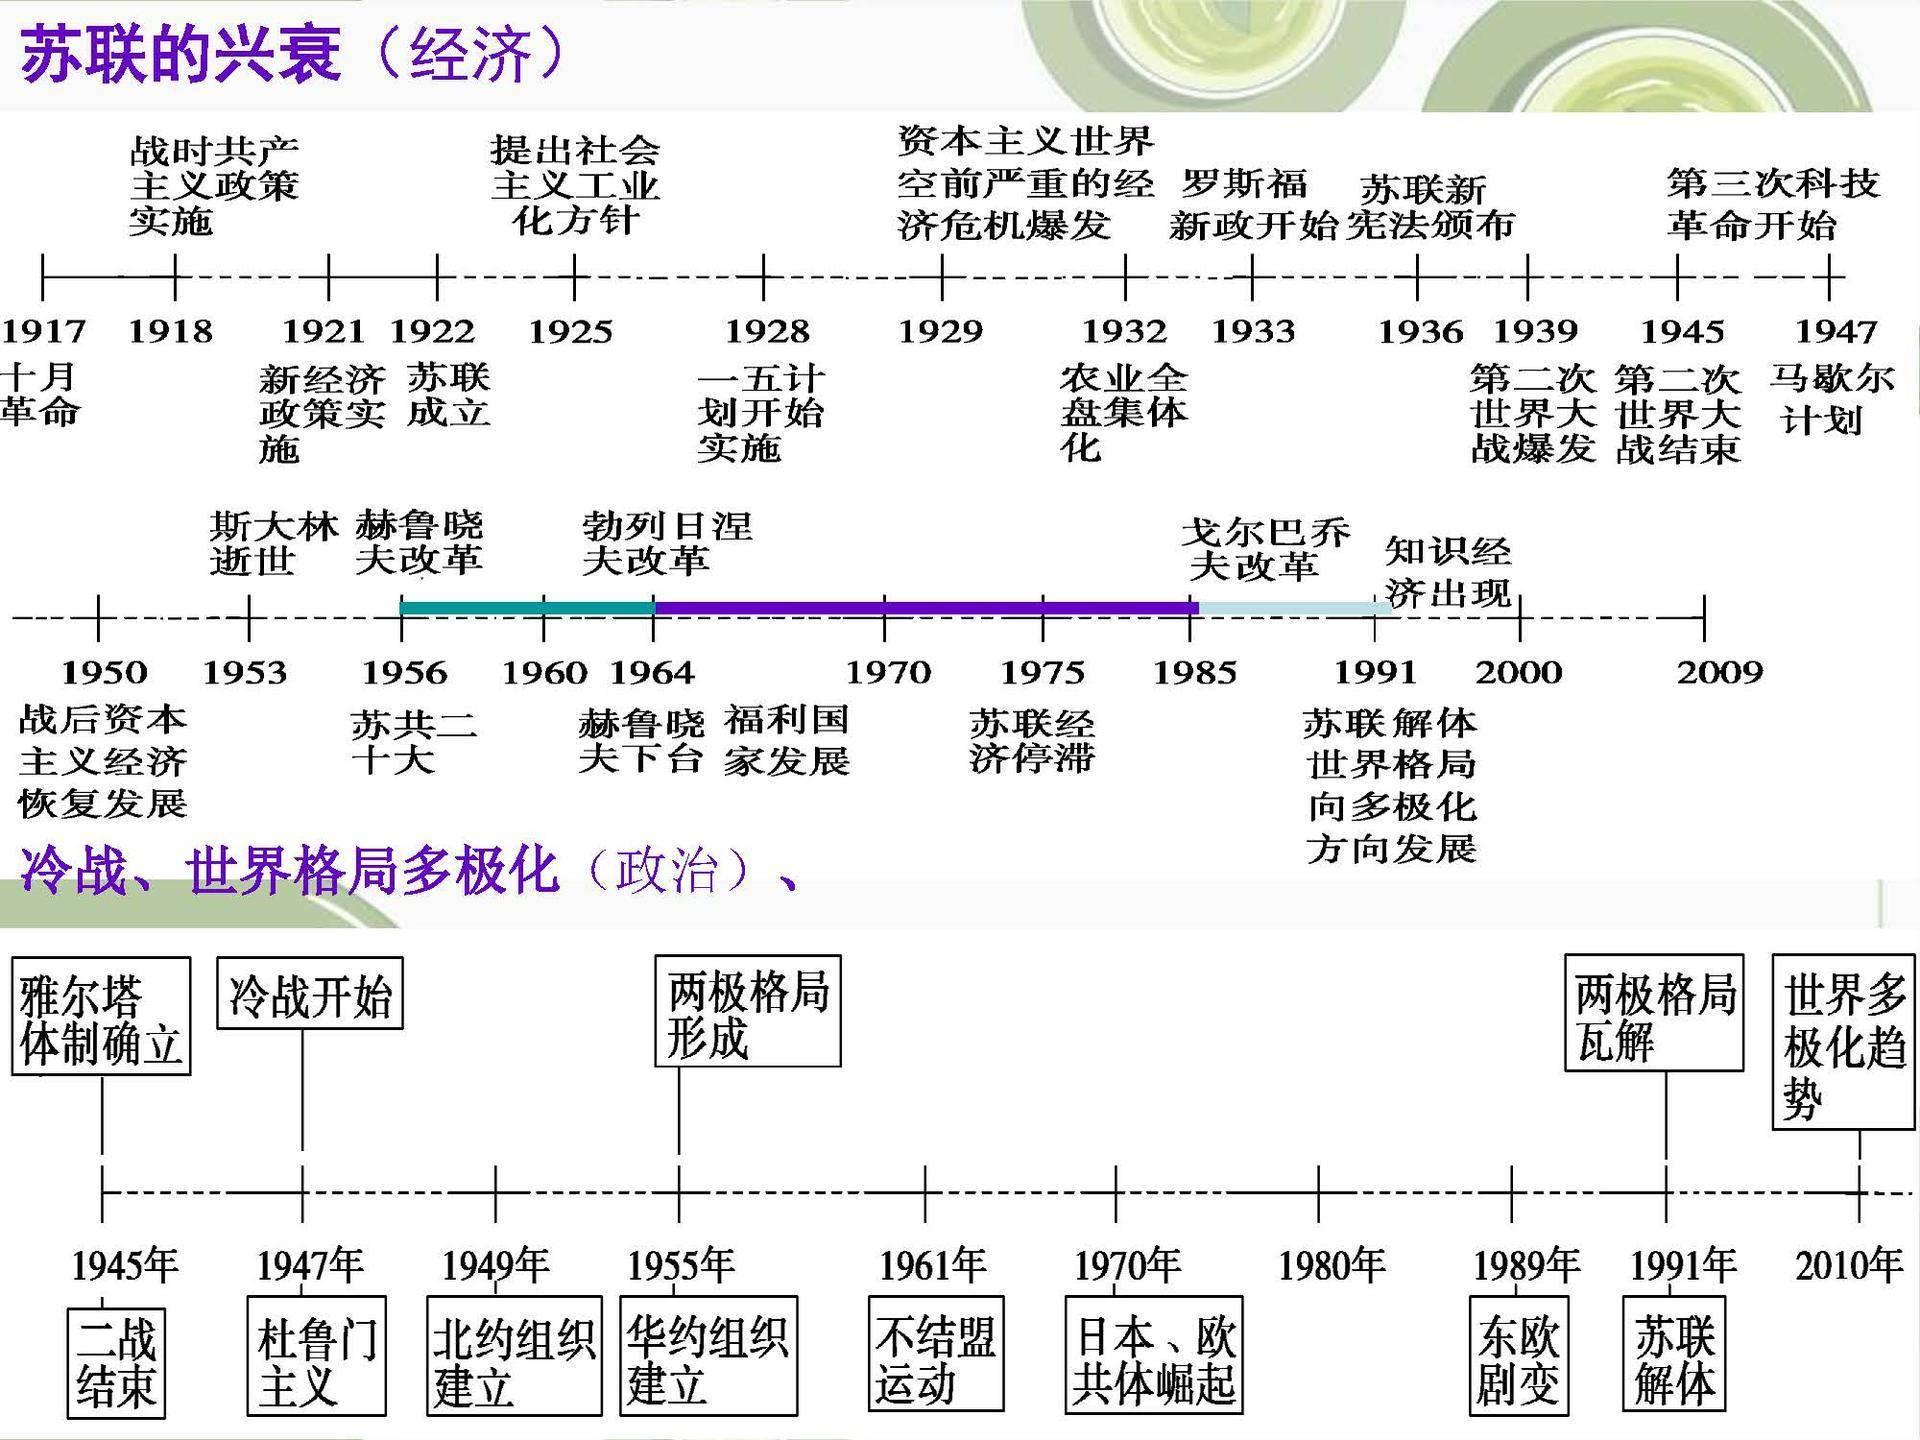 高中历史时间轴(高中历史最全时间轴)